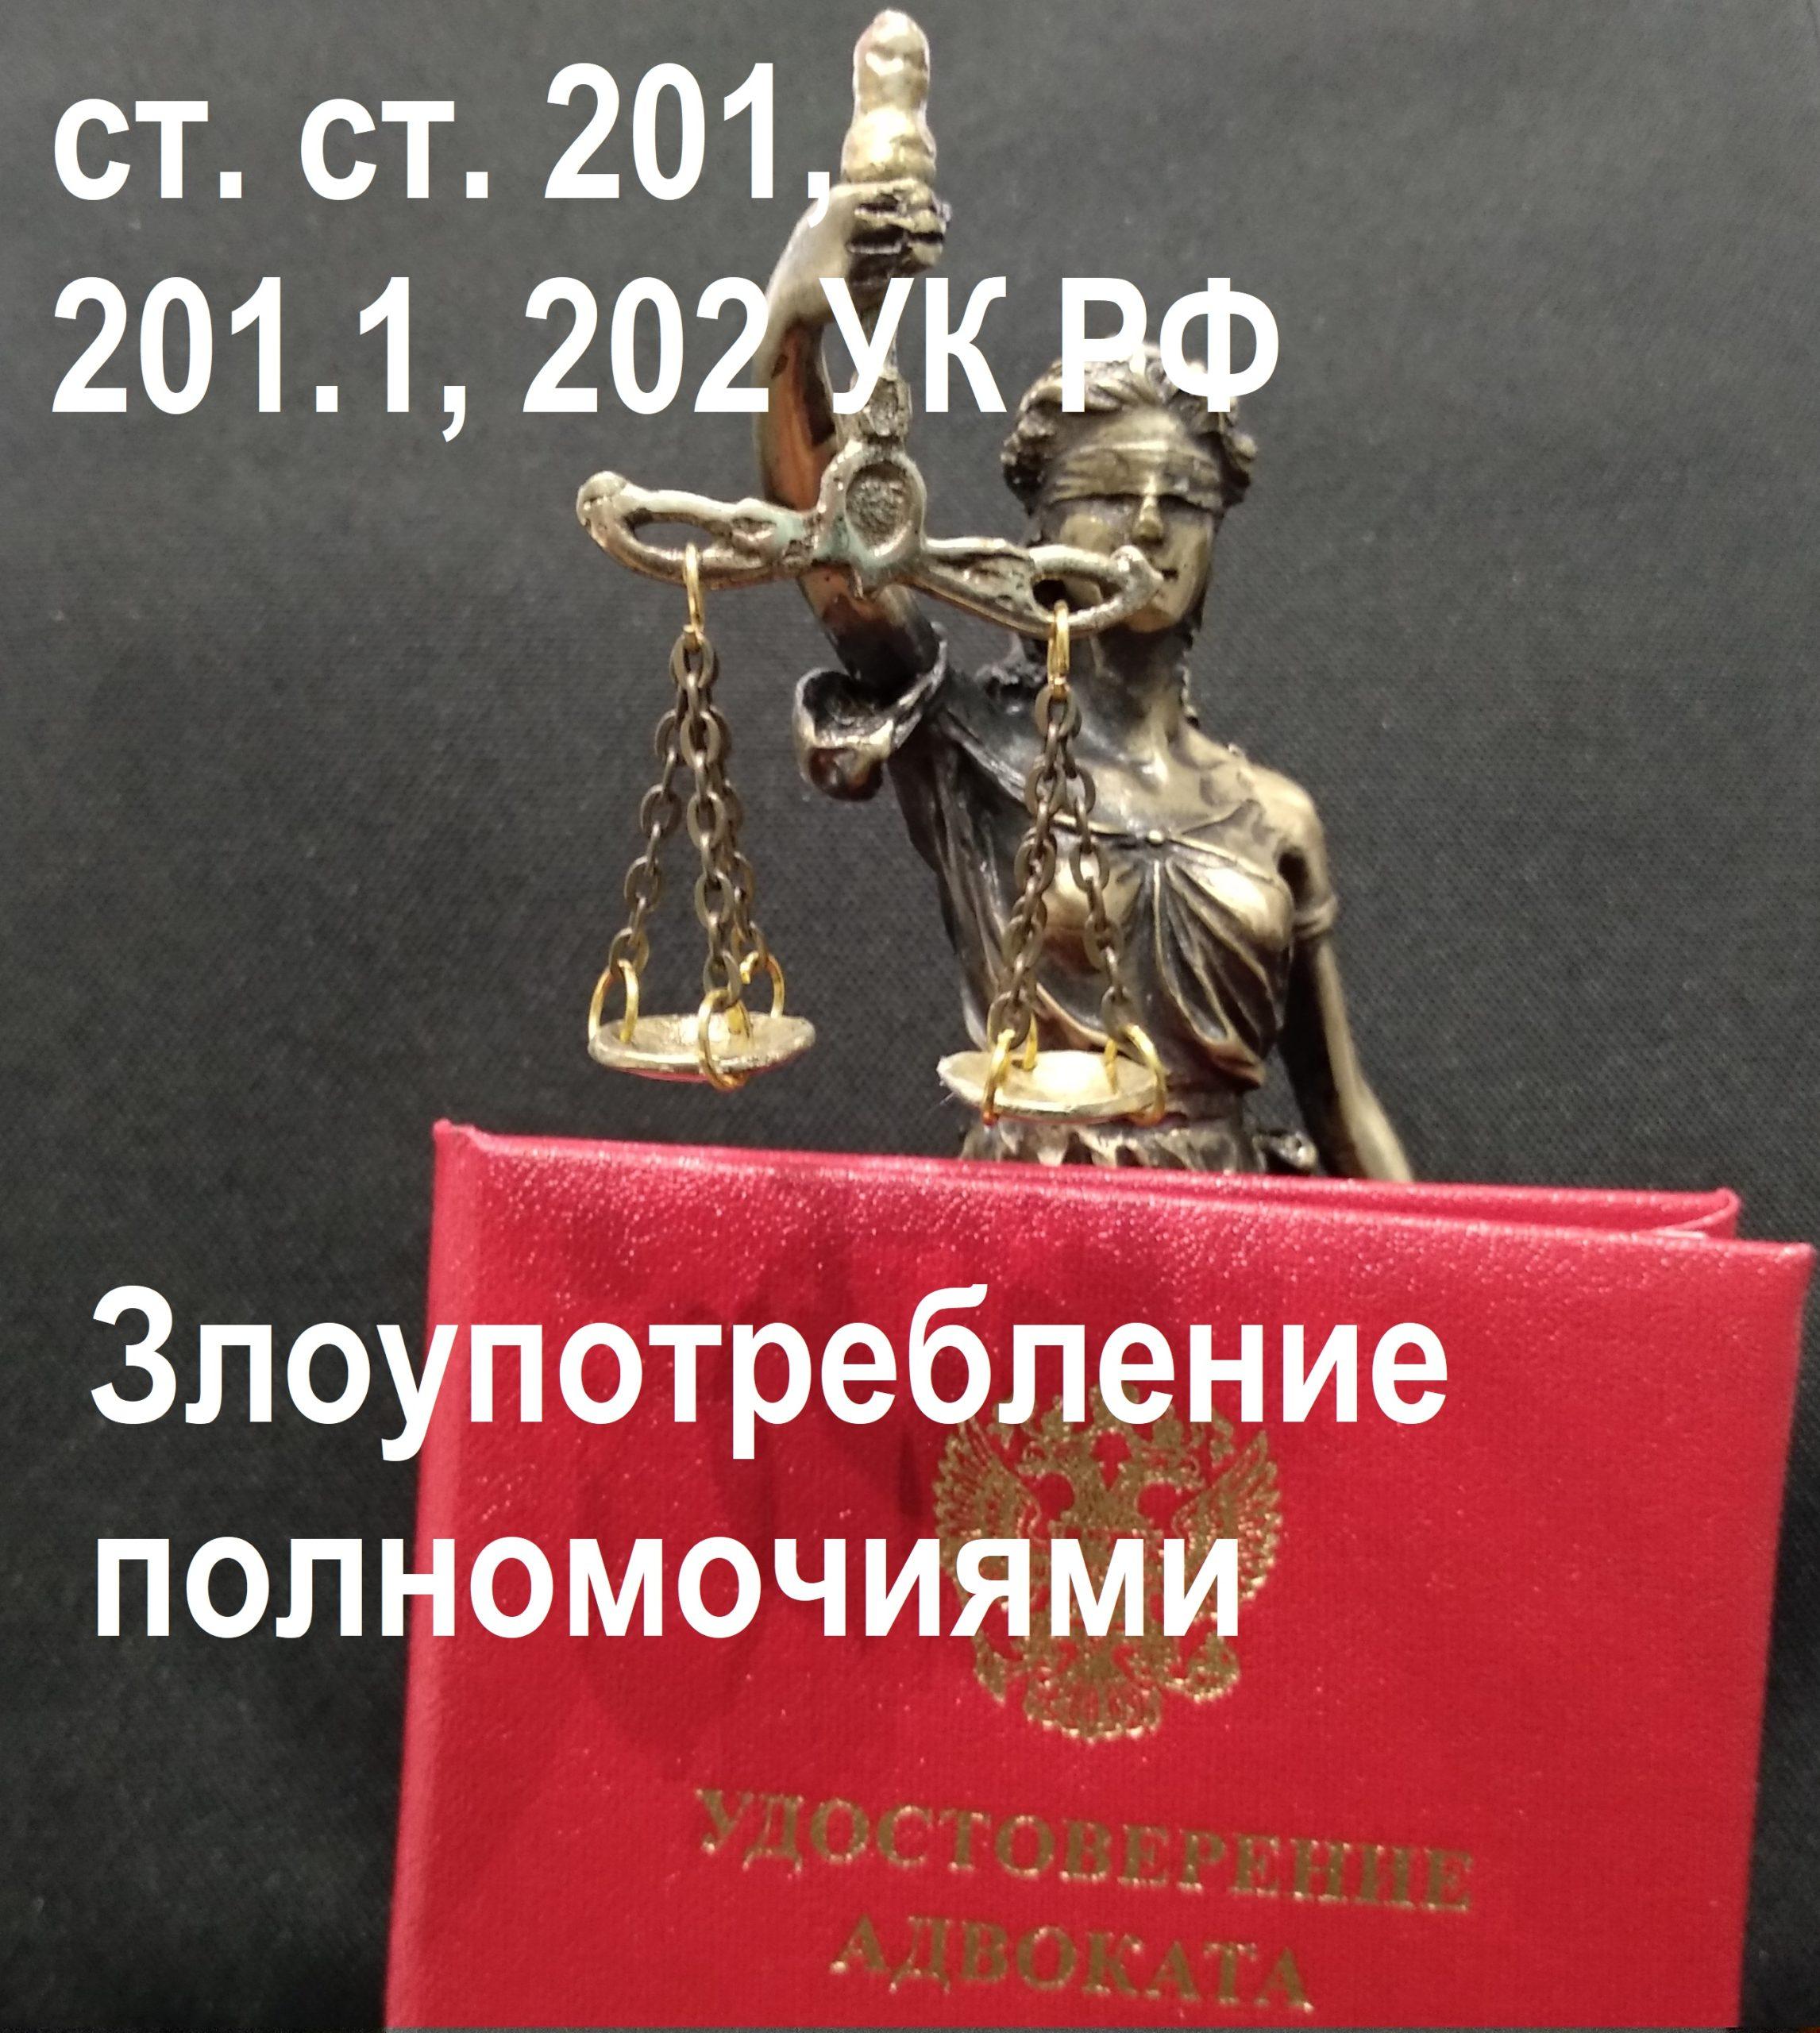 Защита по ст. ст. 201 УК РФ, 201.1 УК РФ и 202 УК РФ Злоупотребление полномочиями